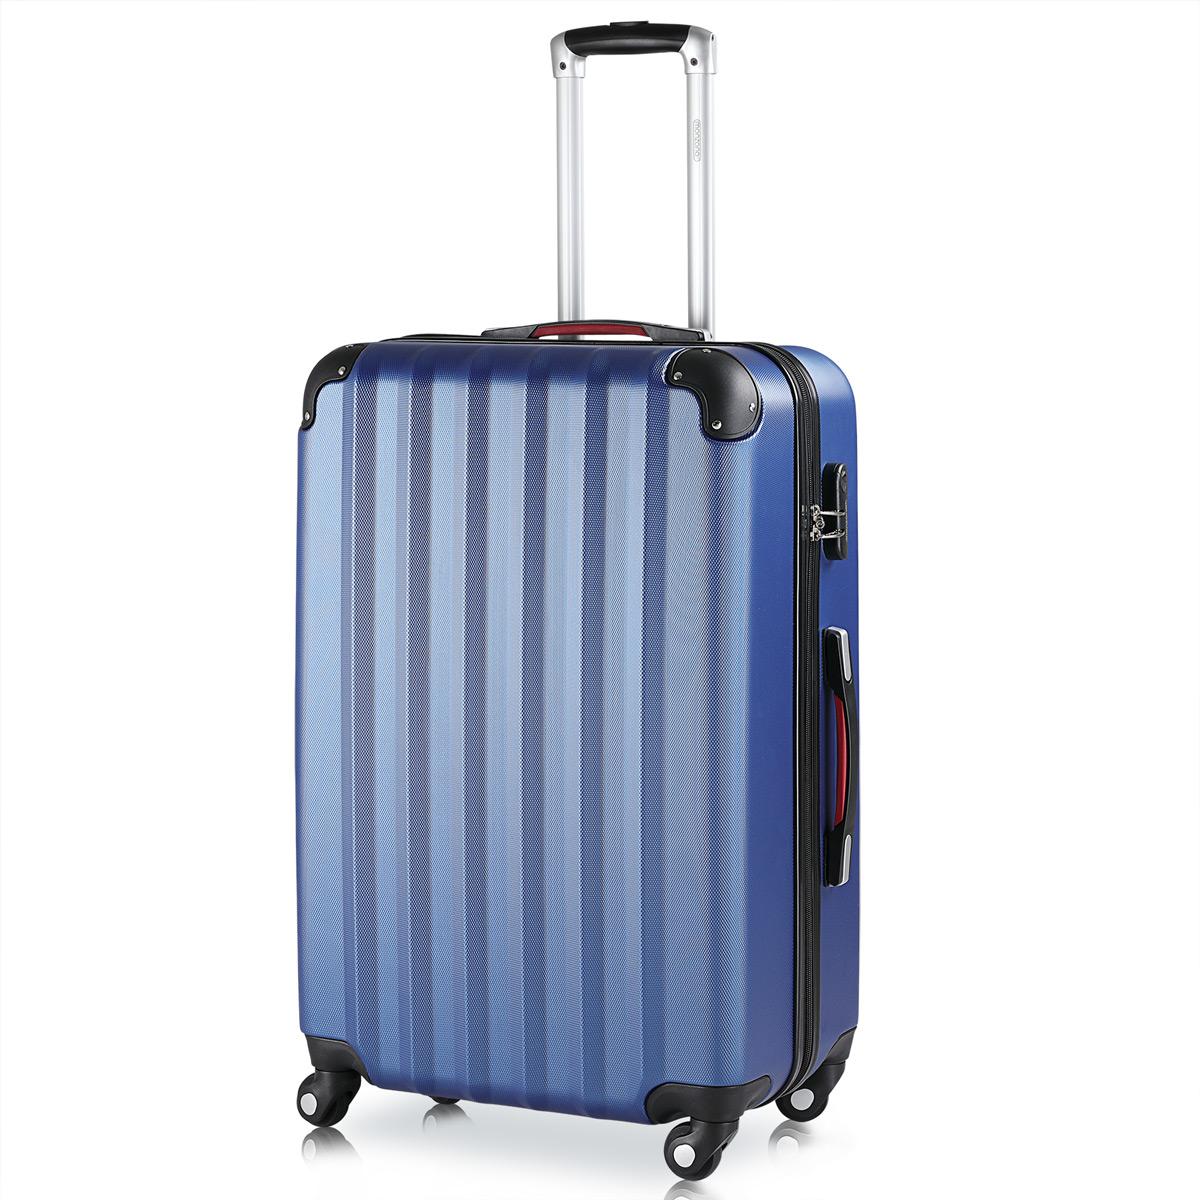 88103084 Hartschalenkoffer XL hellblau